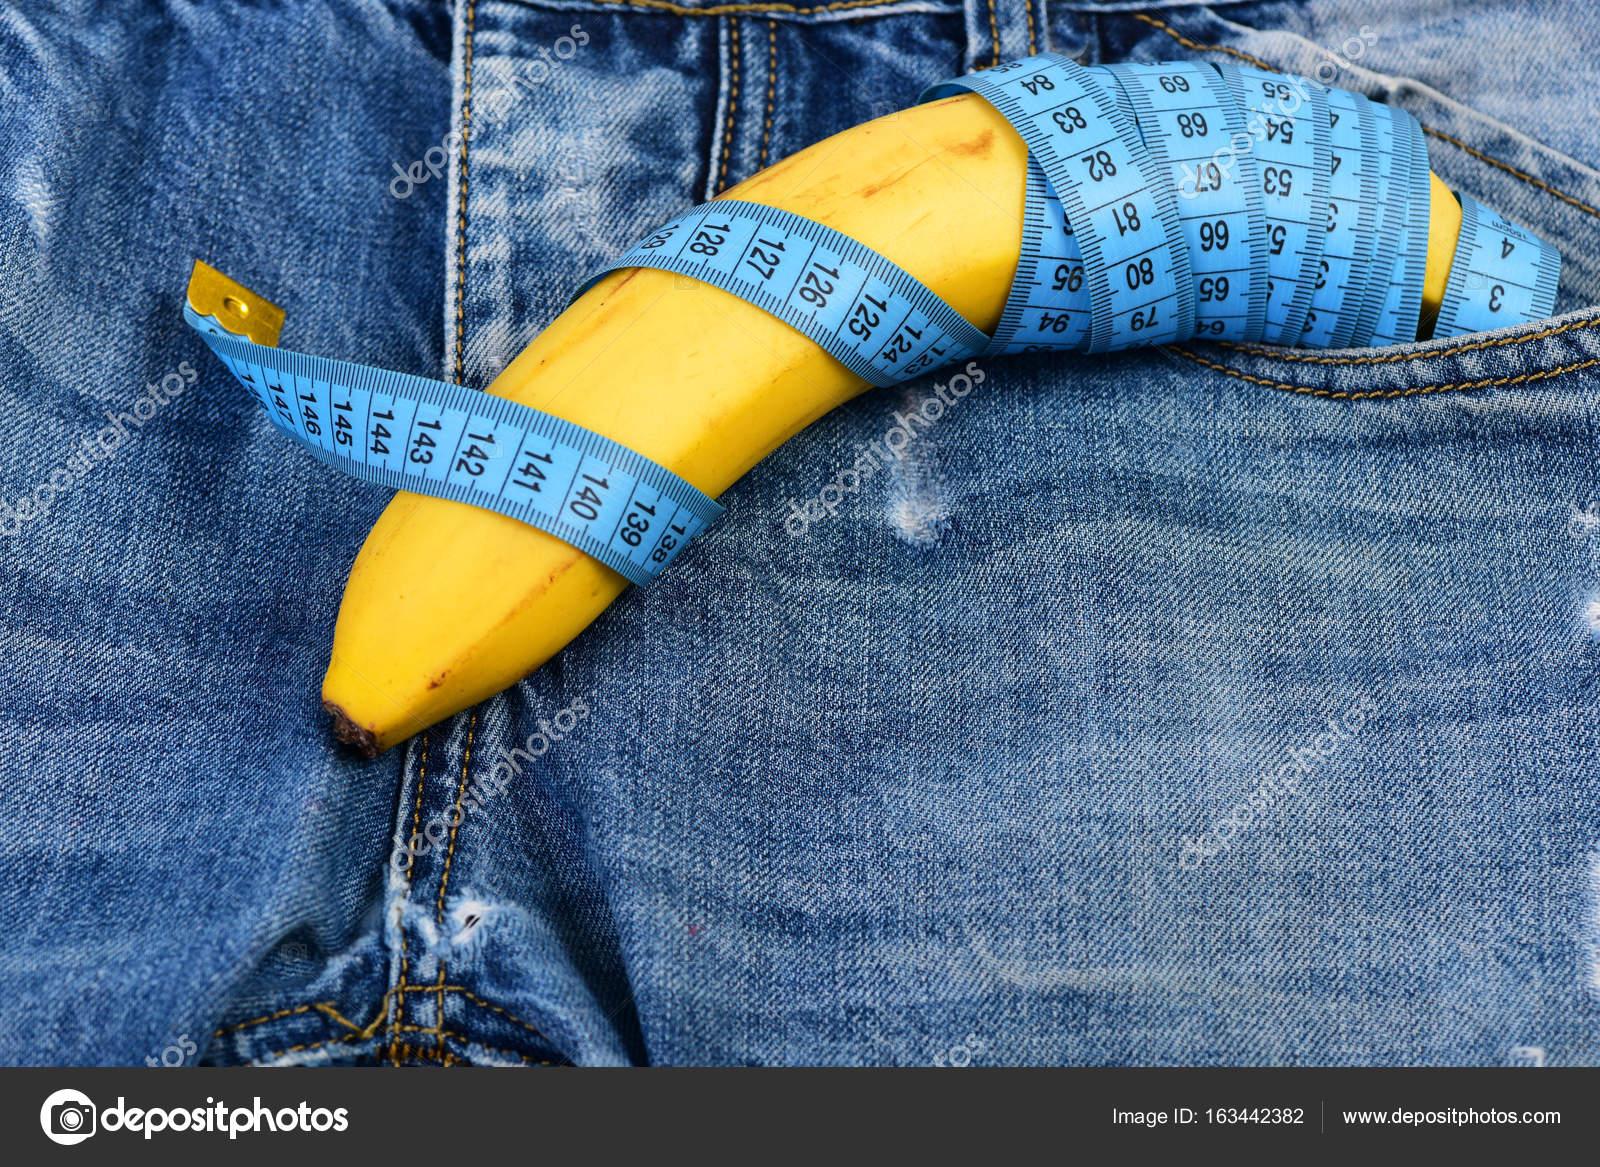 Herren Jeans mit Banane imitieren männliche Genitalien, Nahaufnahme ...